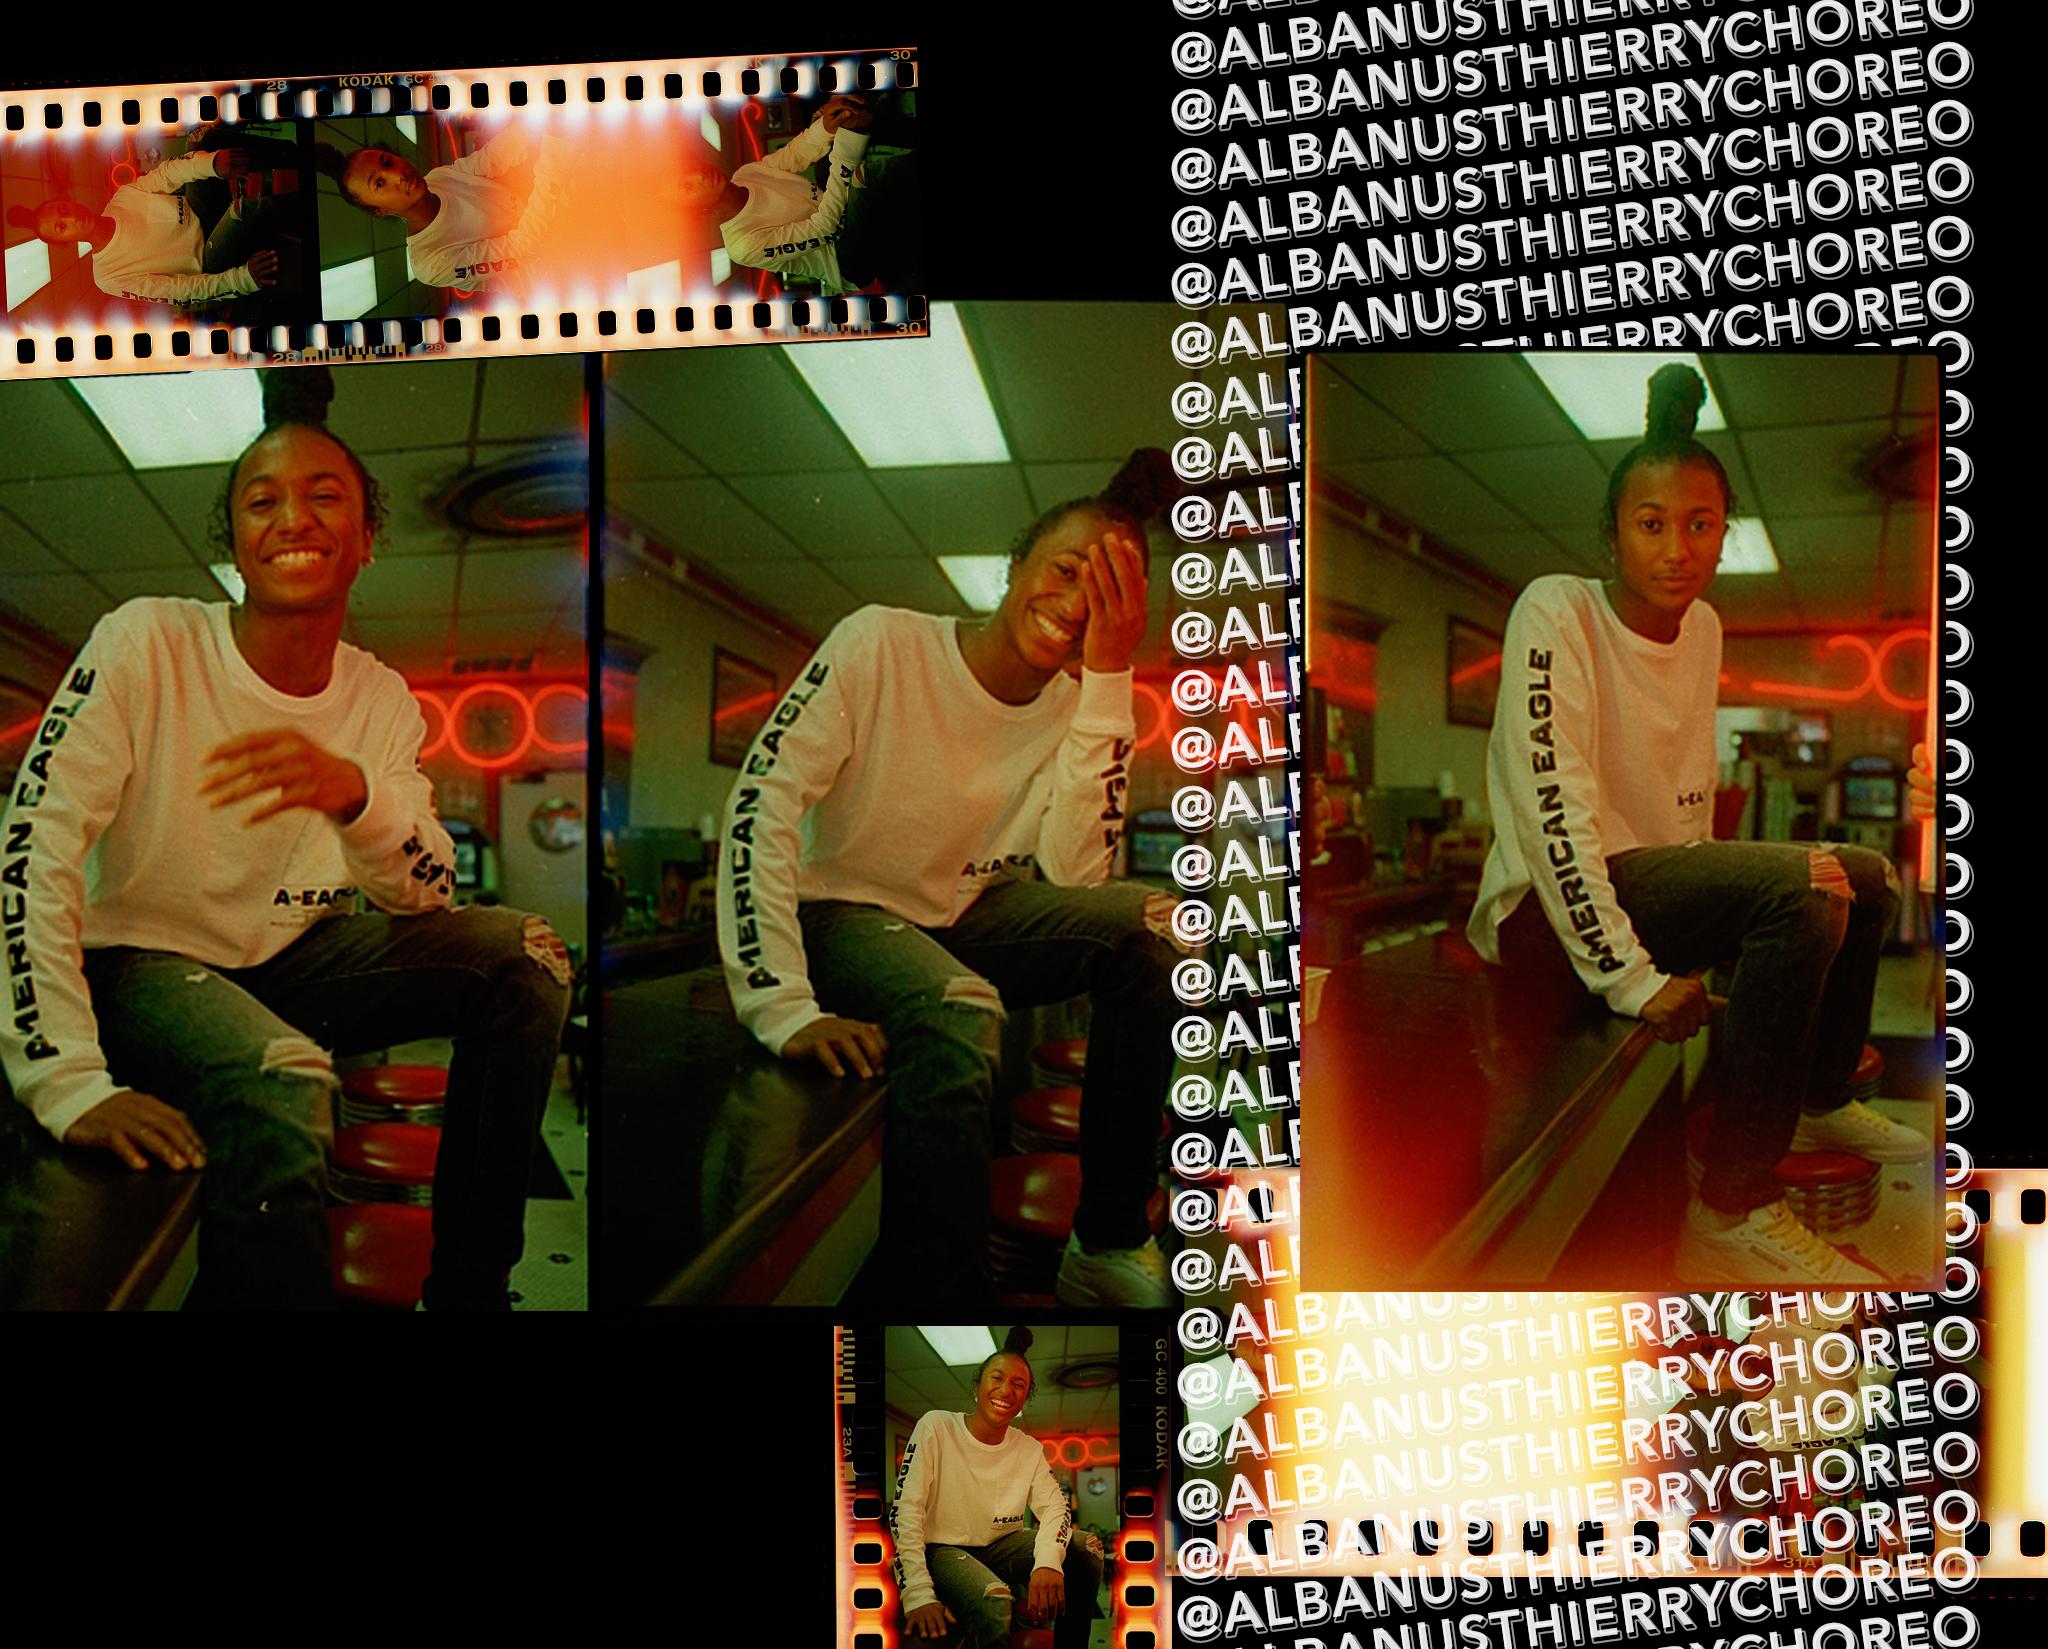 Albanus photo collage